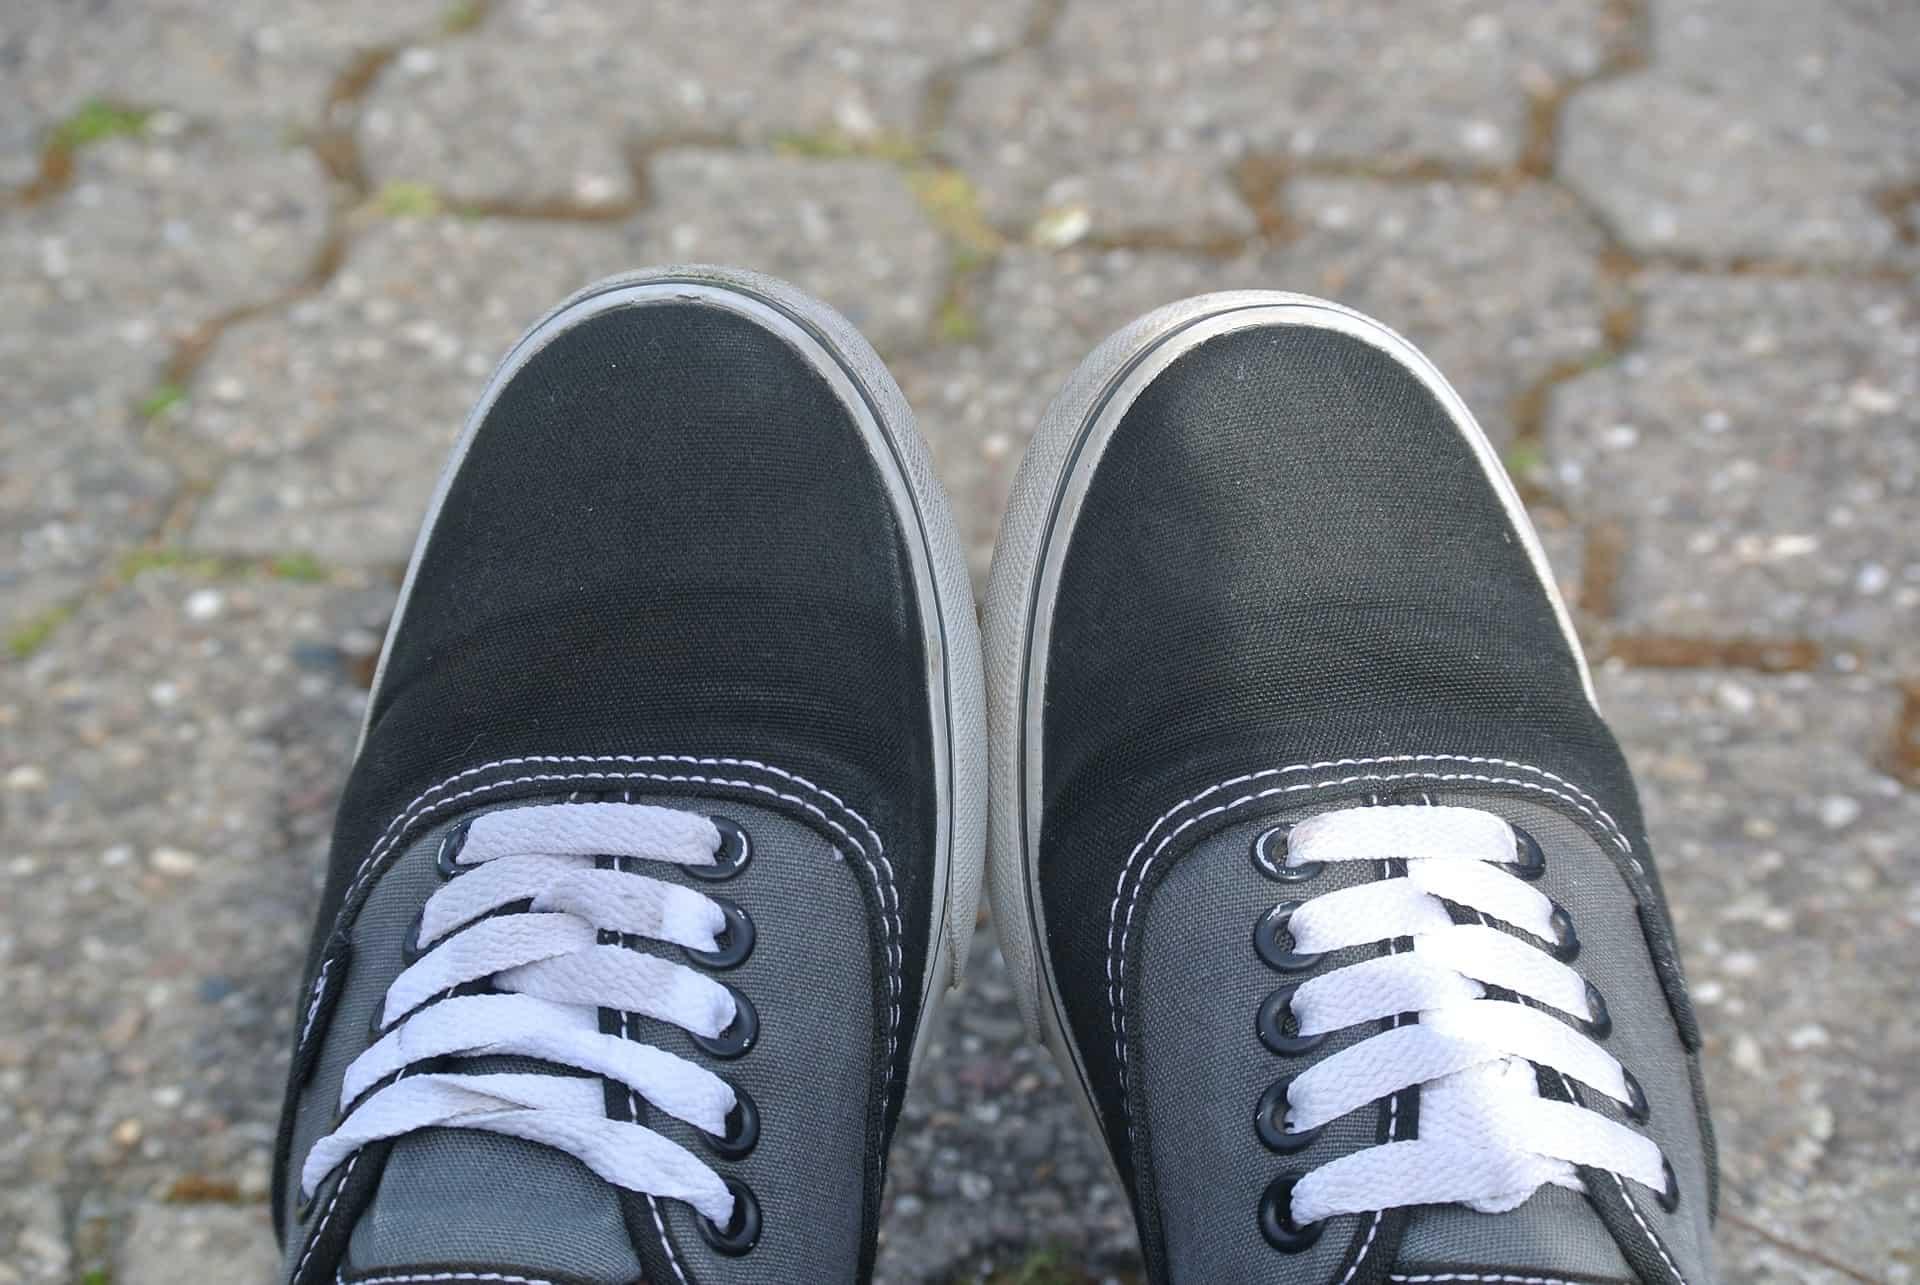 shoes-744621_1920